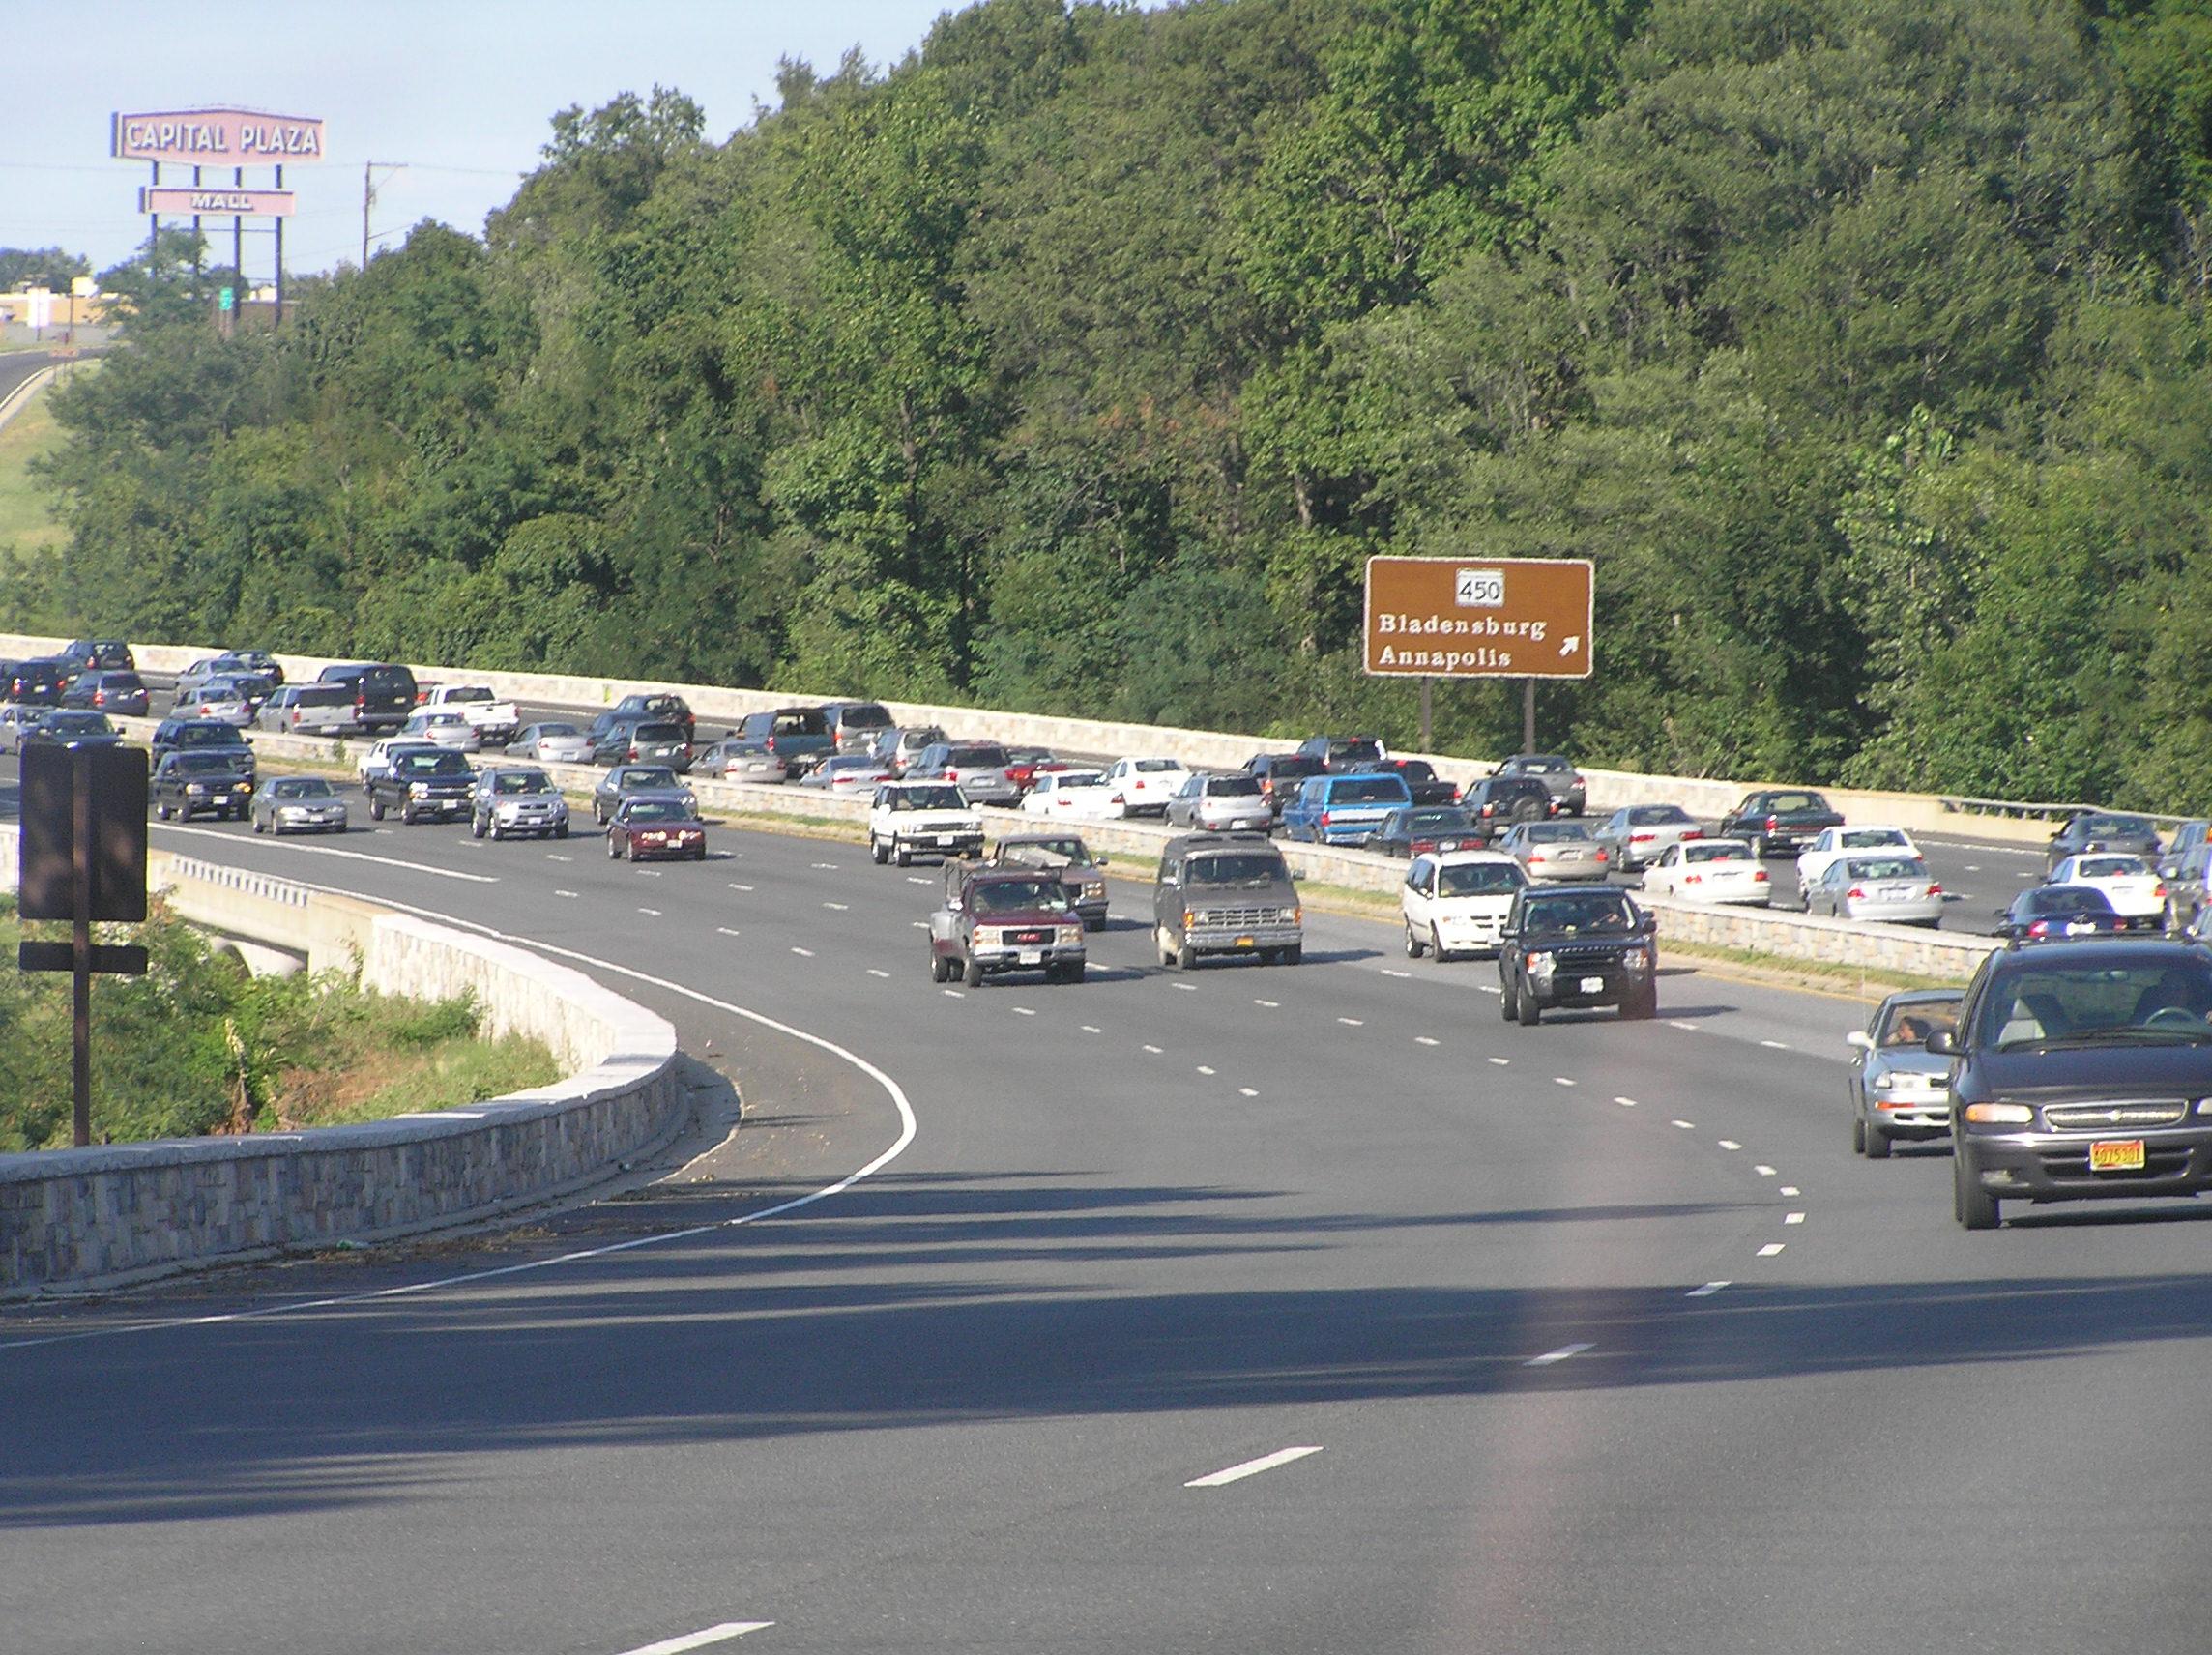 Interstate -295 - Baltimore-Washington Parkway